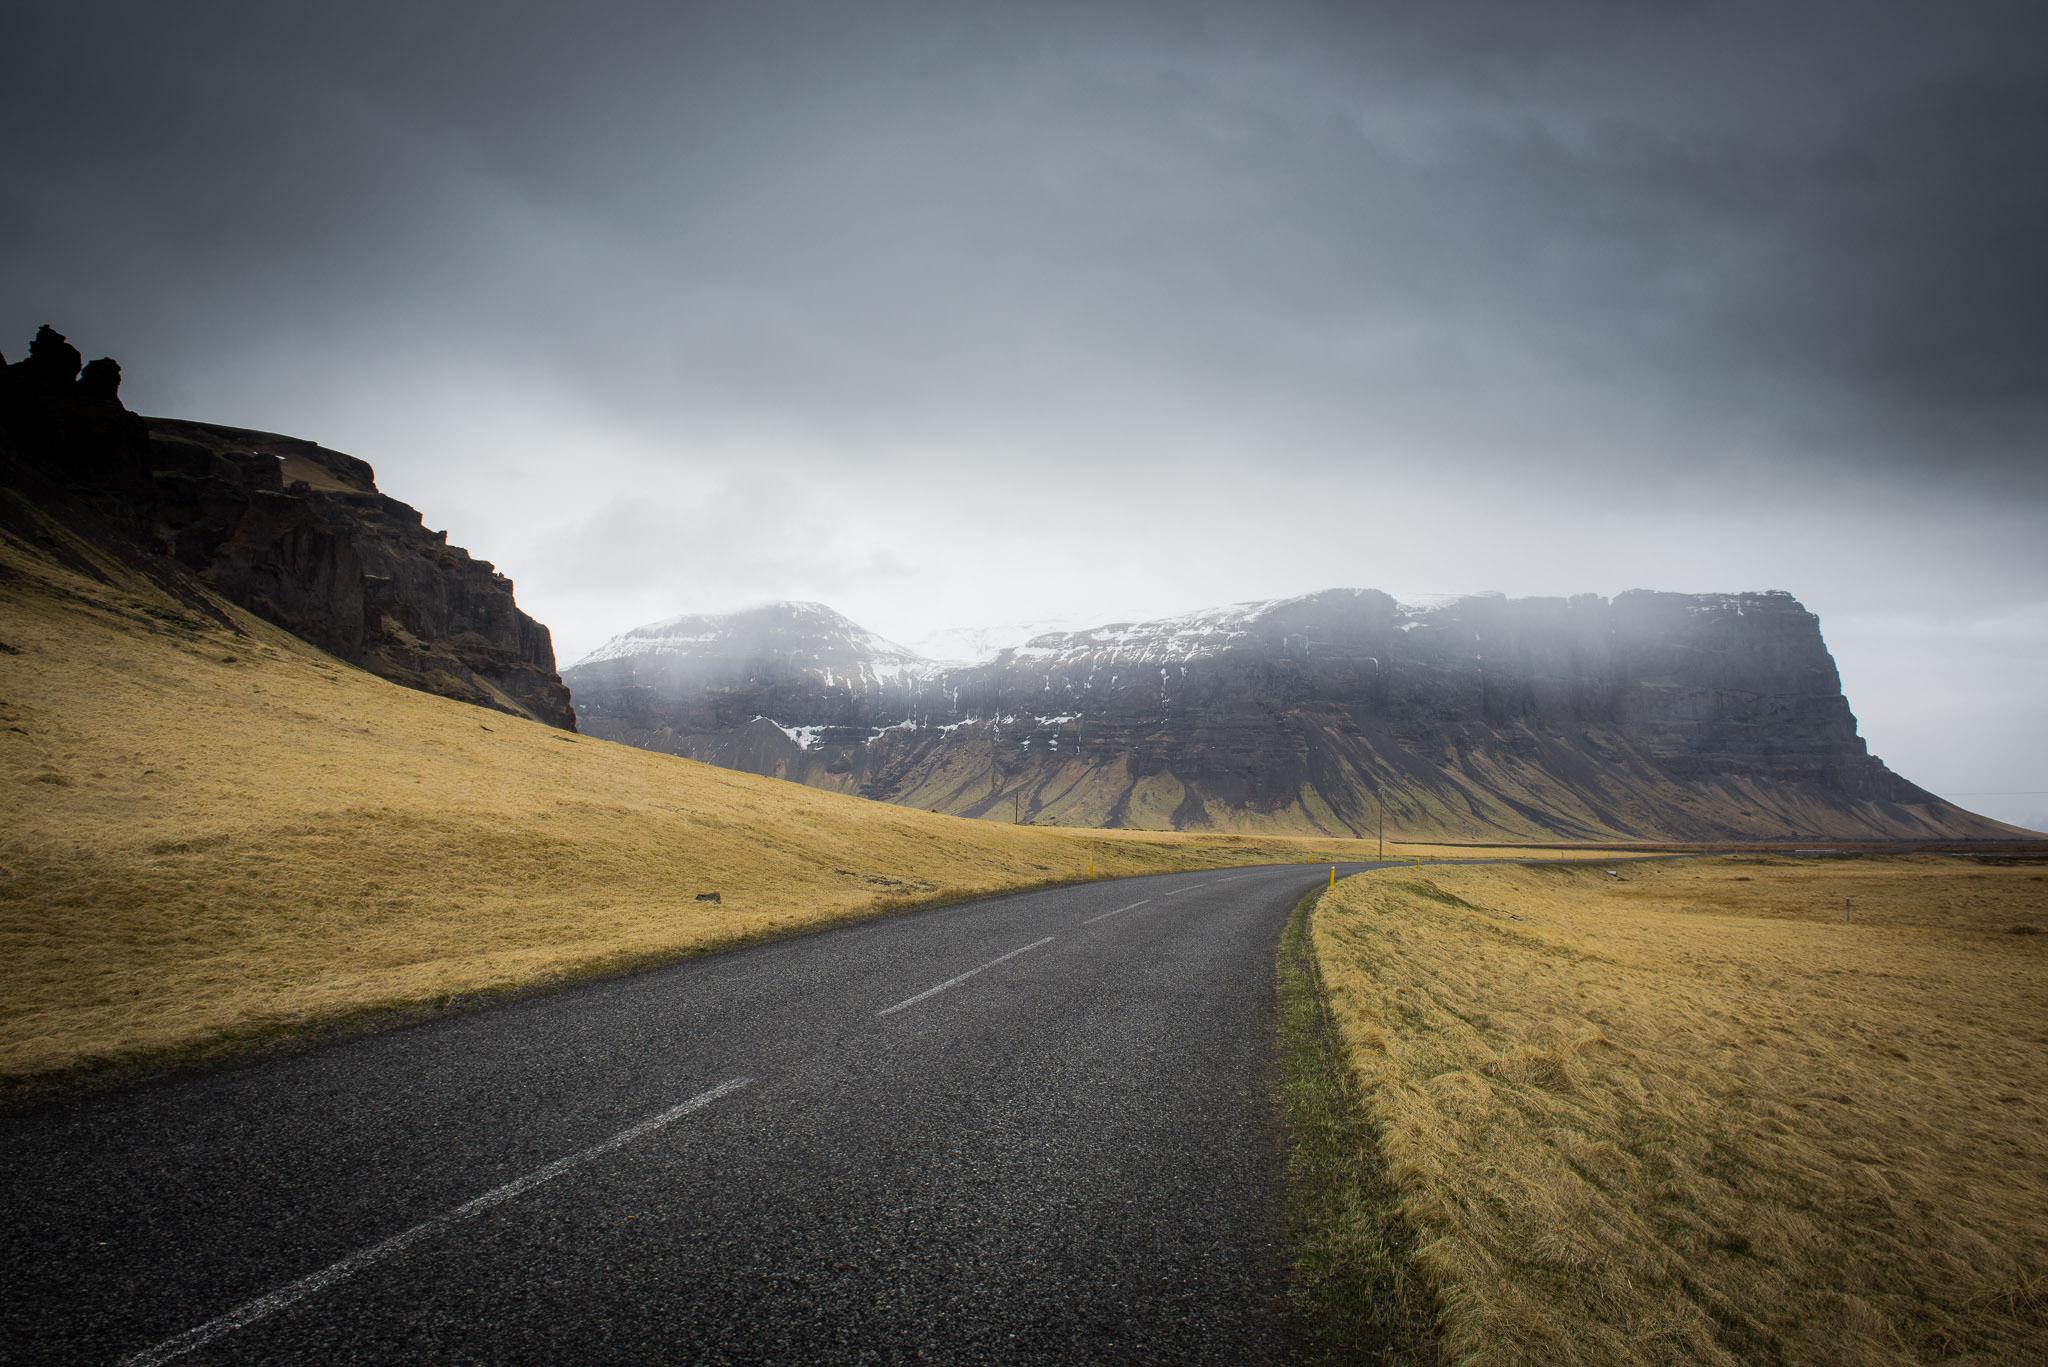 fotograf_jakob_kjoller_20150512-12-55-48-Island-Rejse_Web